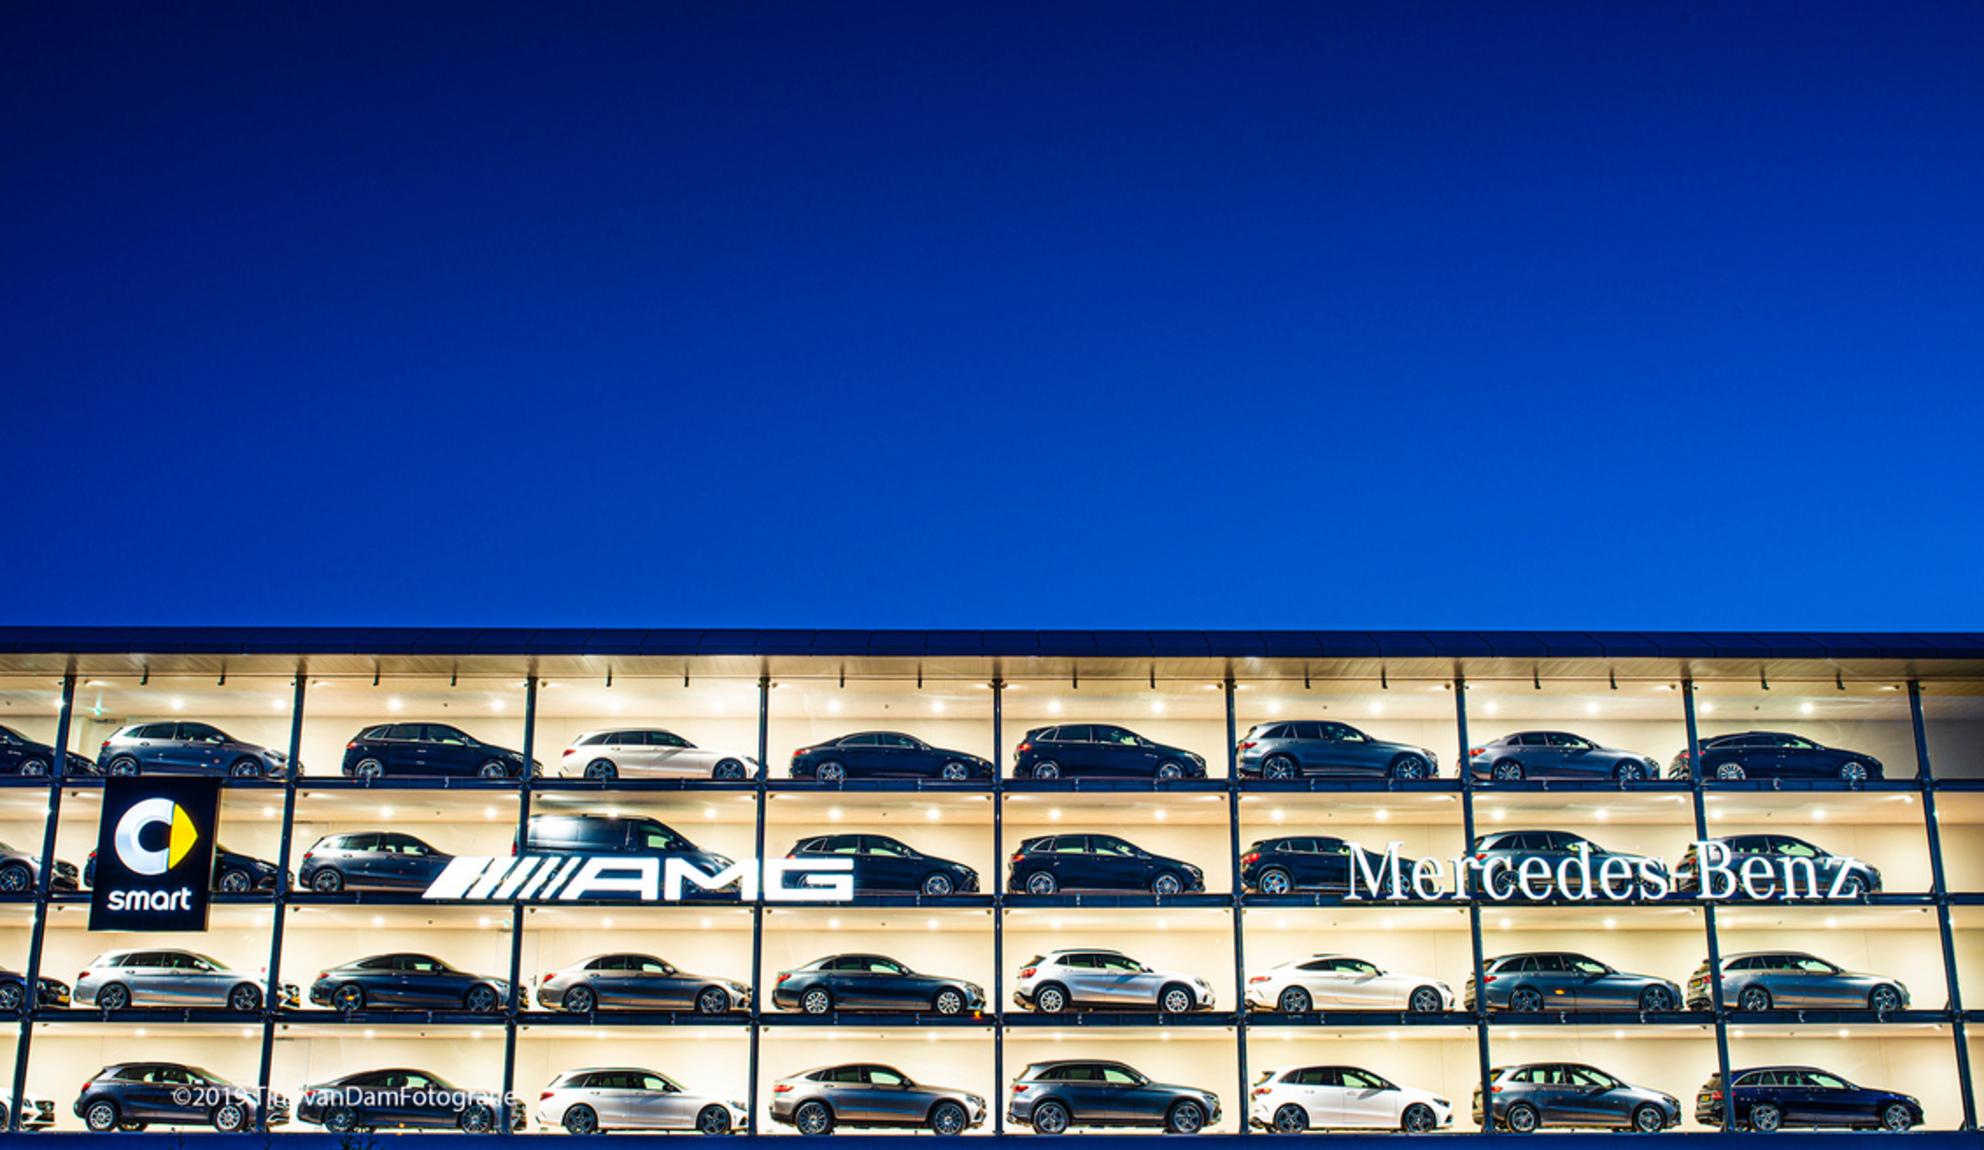 Mercedes Benz Forepark - Showroom van Mercedes Benz langs de A4 thv Leidschenveen (Forepark) Foto genomen in het zg 'Blauwe Uurtje'. - foto door tvdam_zoom op 30-11-2019 - deze foto bevat: auto, etalage, filter, showroom, Blauwe uurtje, Mercedes Benz